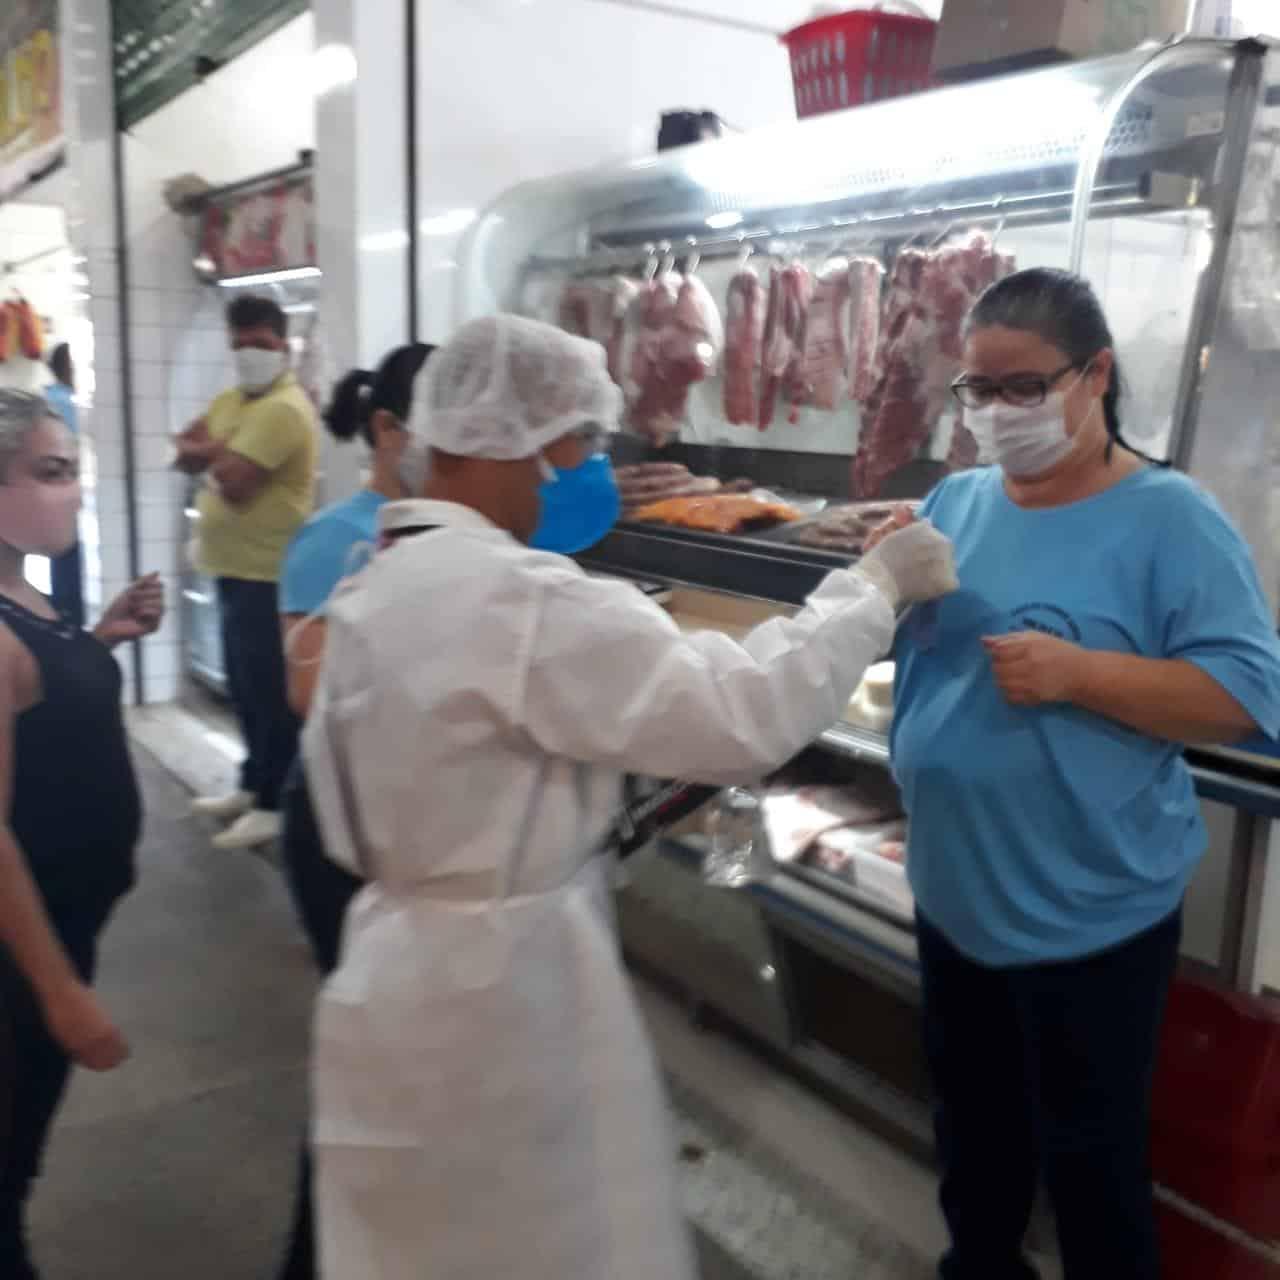 Montes Claros - Prefeitura de Montes Claros faz trabalho de prevenção ao coronavírus no Mercado Municipal